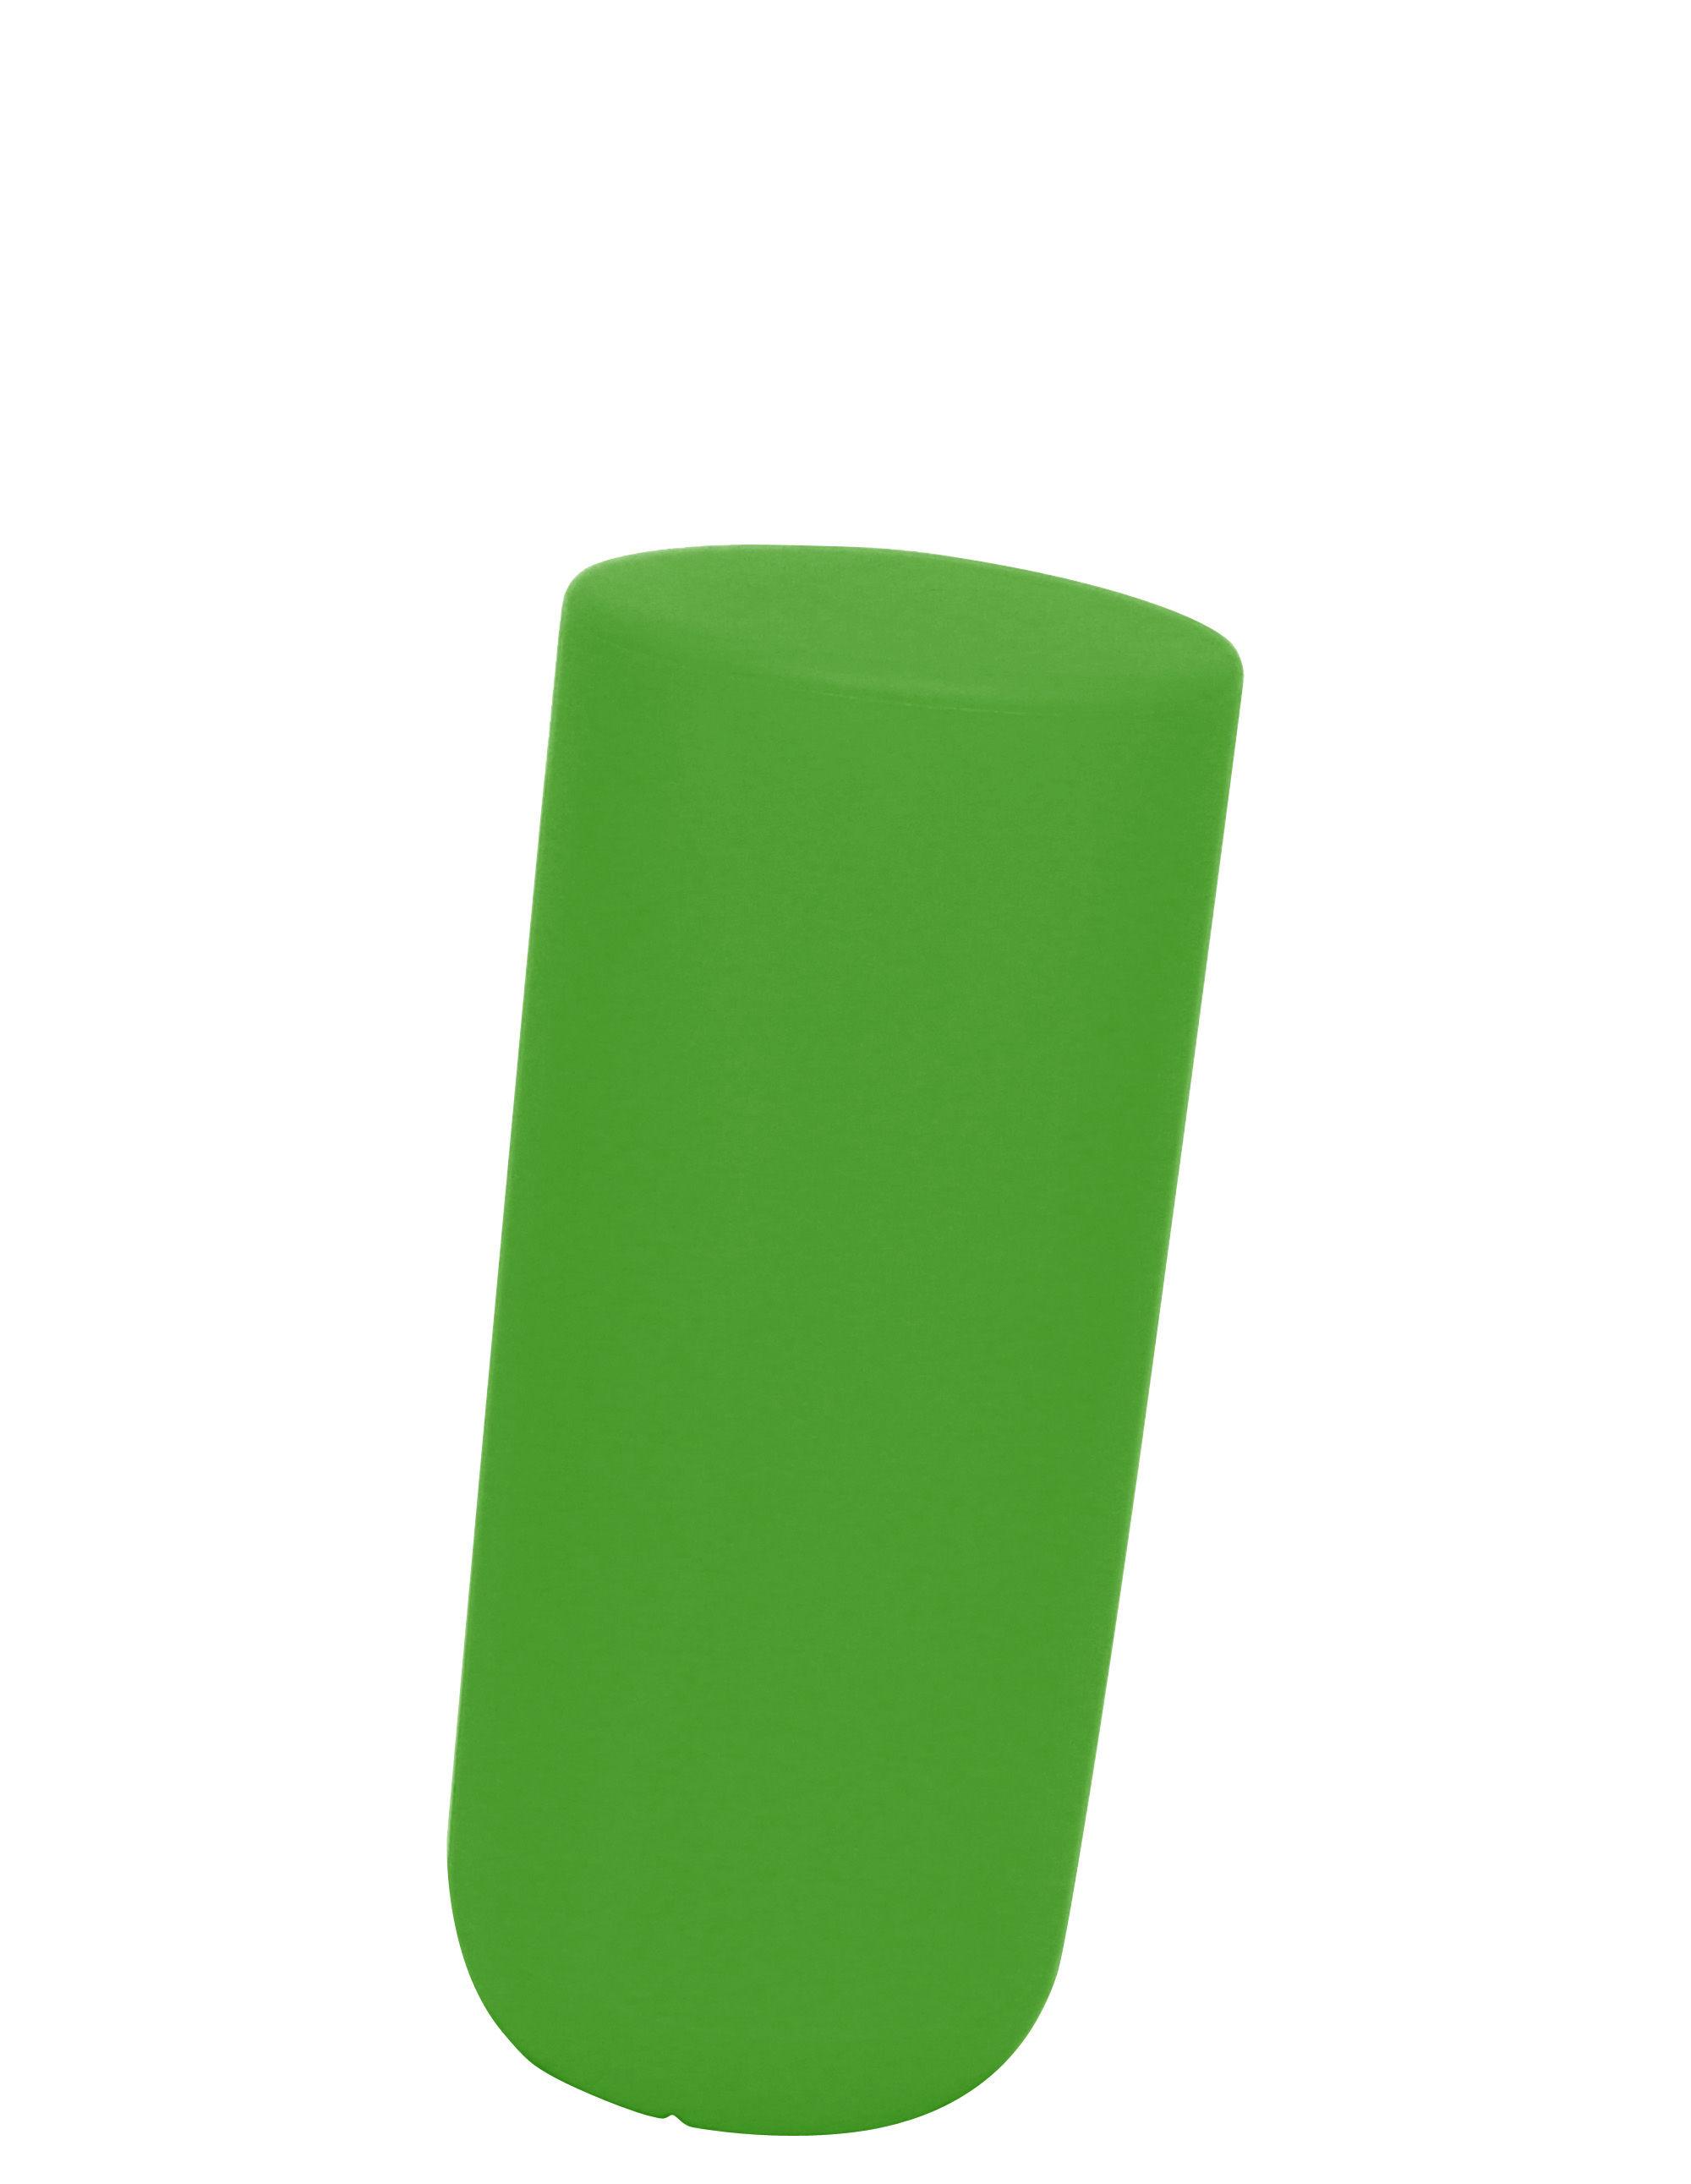 Arredamento - Mobili Ados  - Sgabello Sway - H 50 cm di Thelermont Hupton - Verde - Polietilene